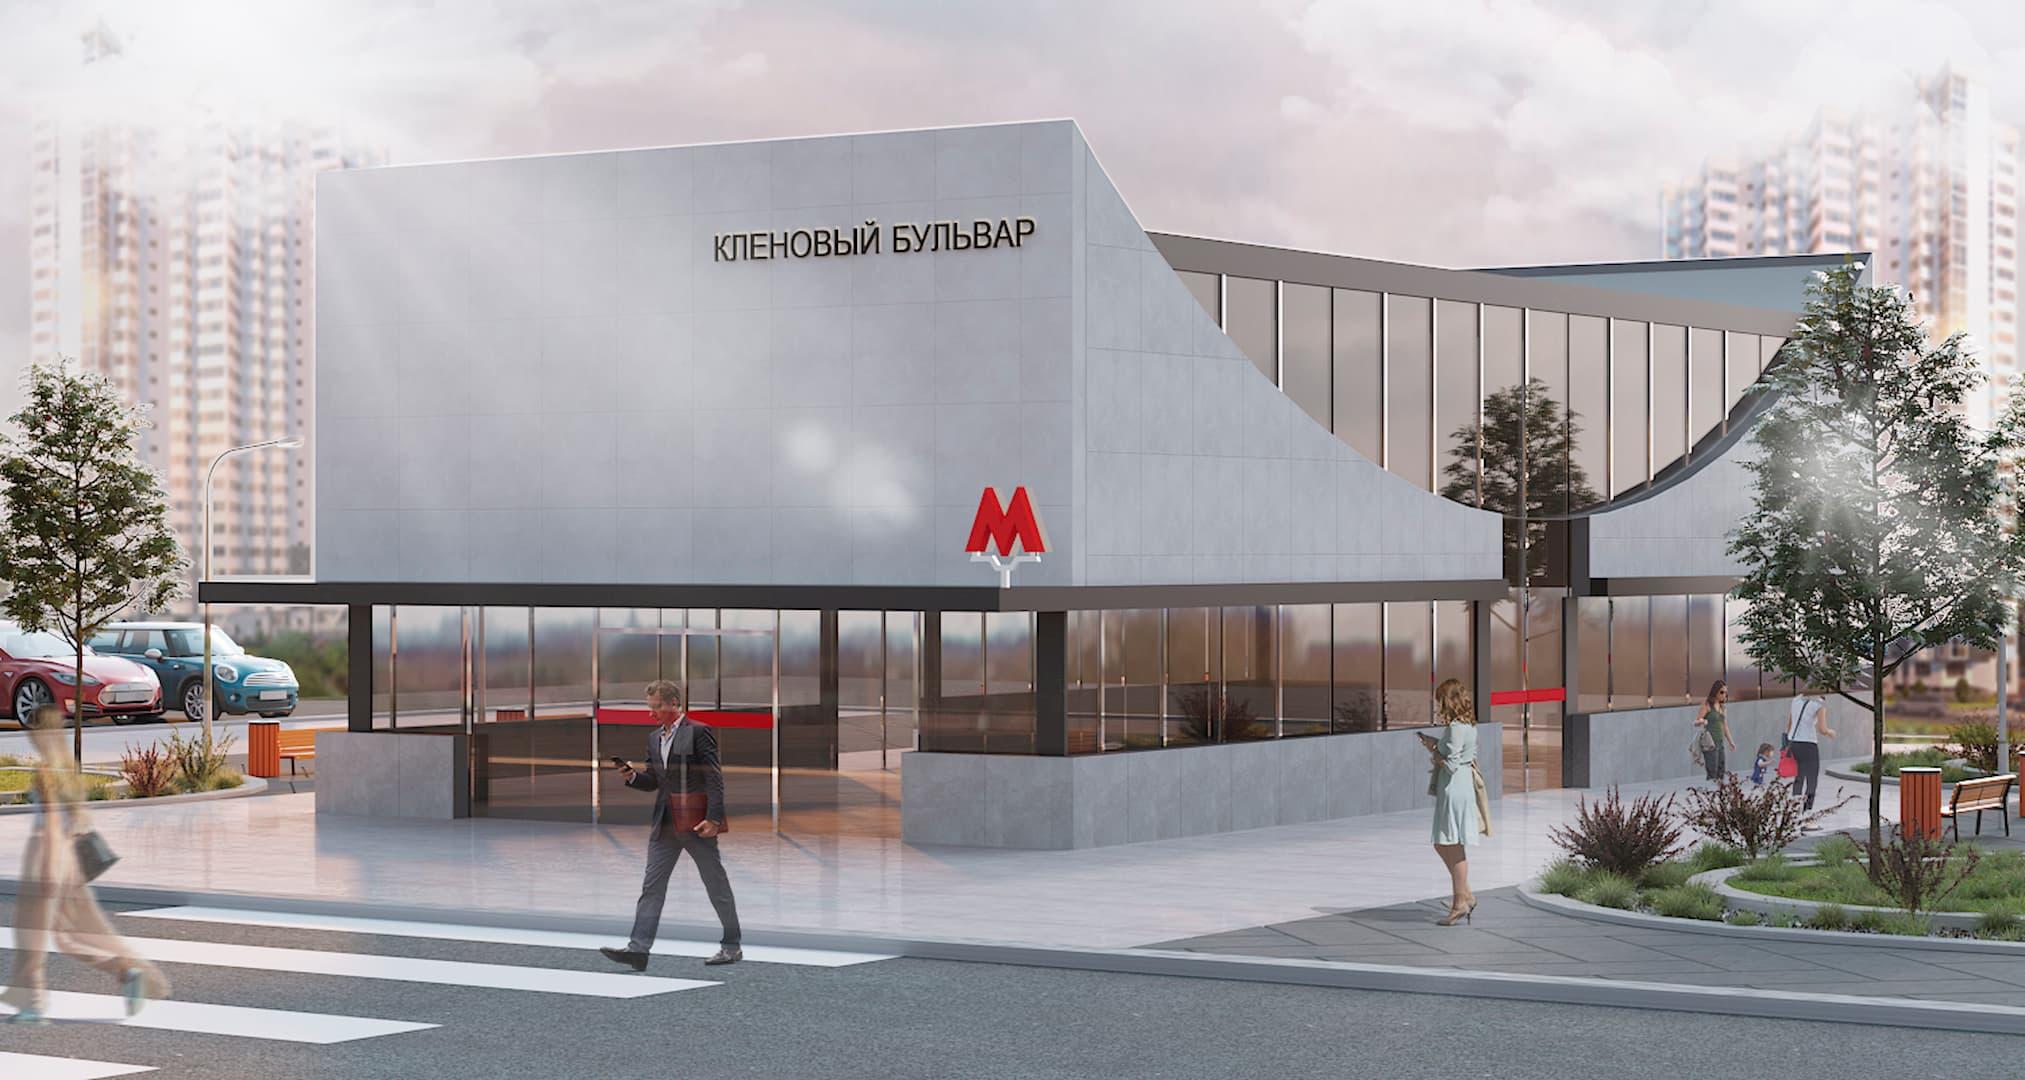 stanciya-metro-klenovuj-bulvar (3)